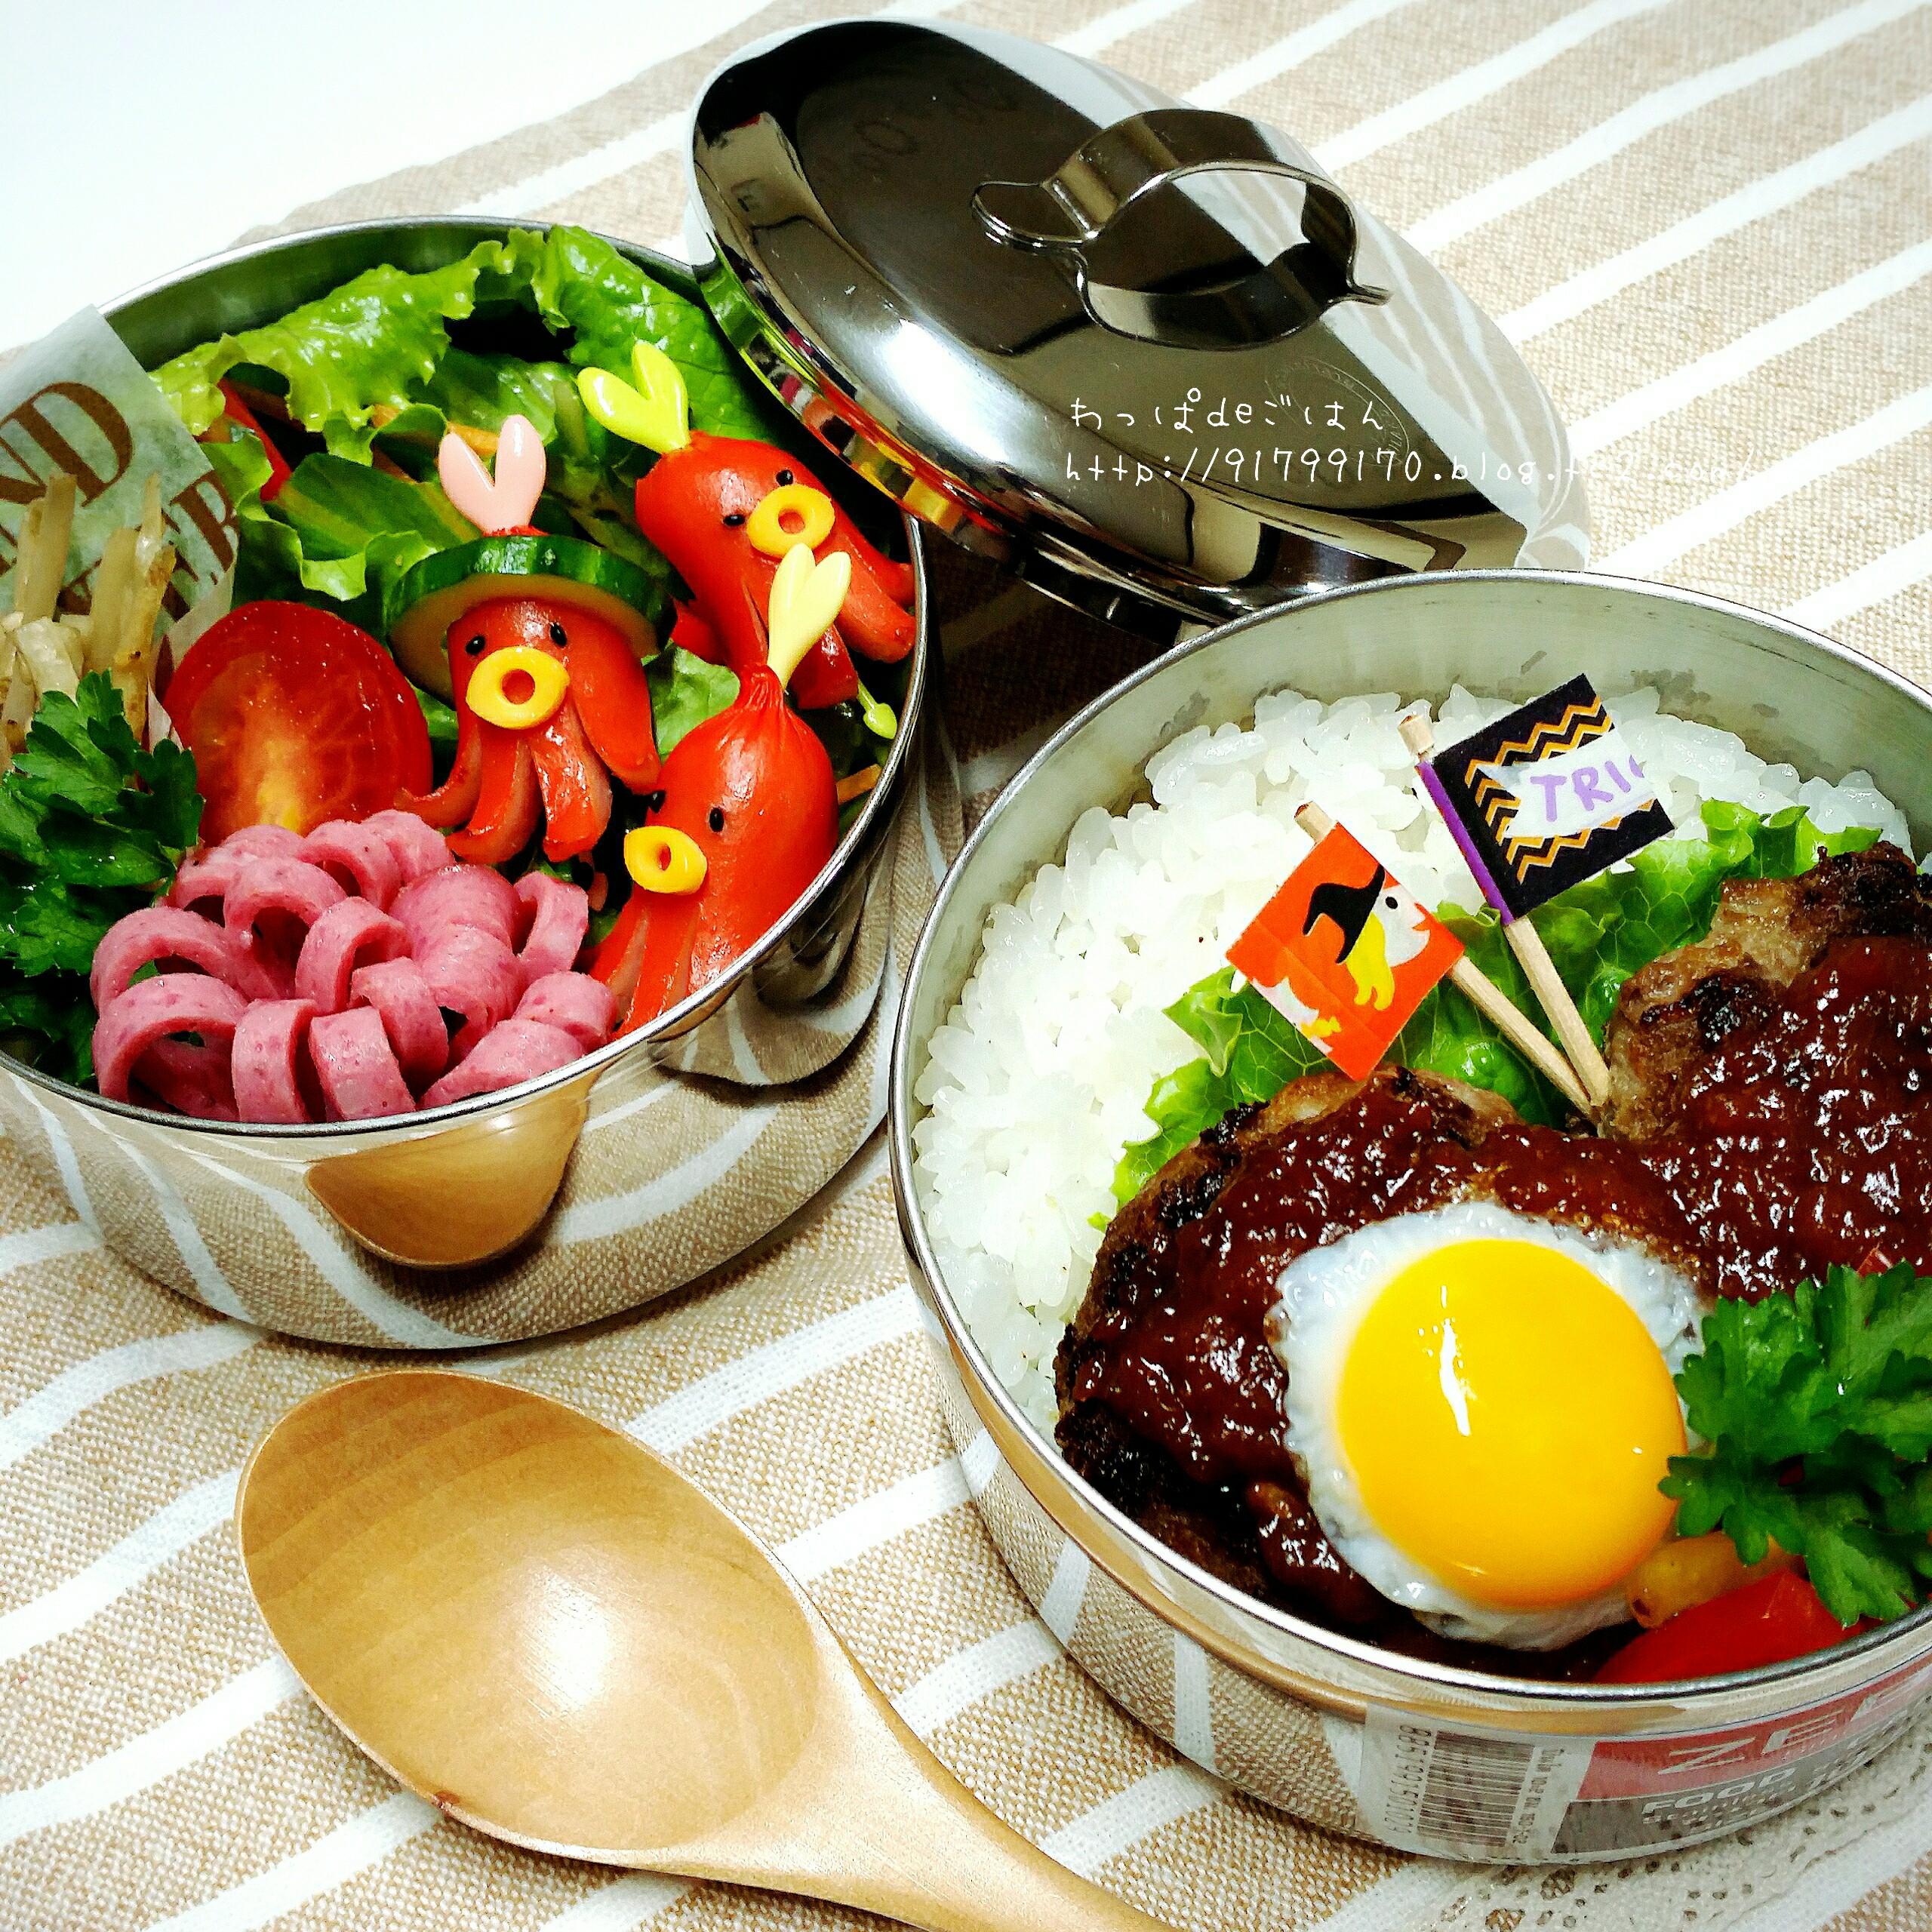 ロコモコ丼とタコさんウィンナー弁当